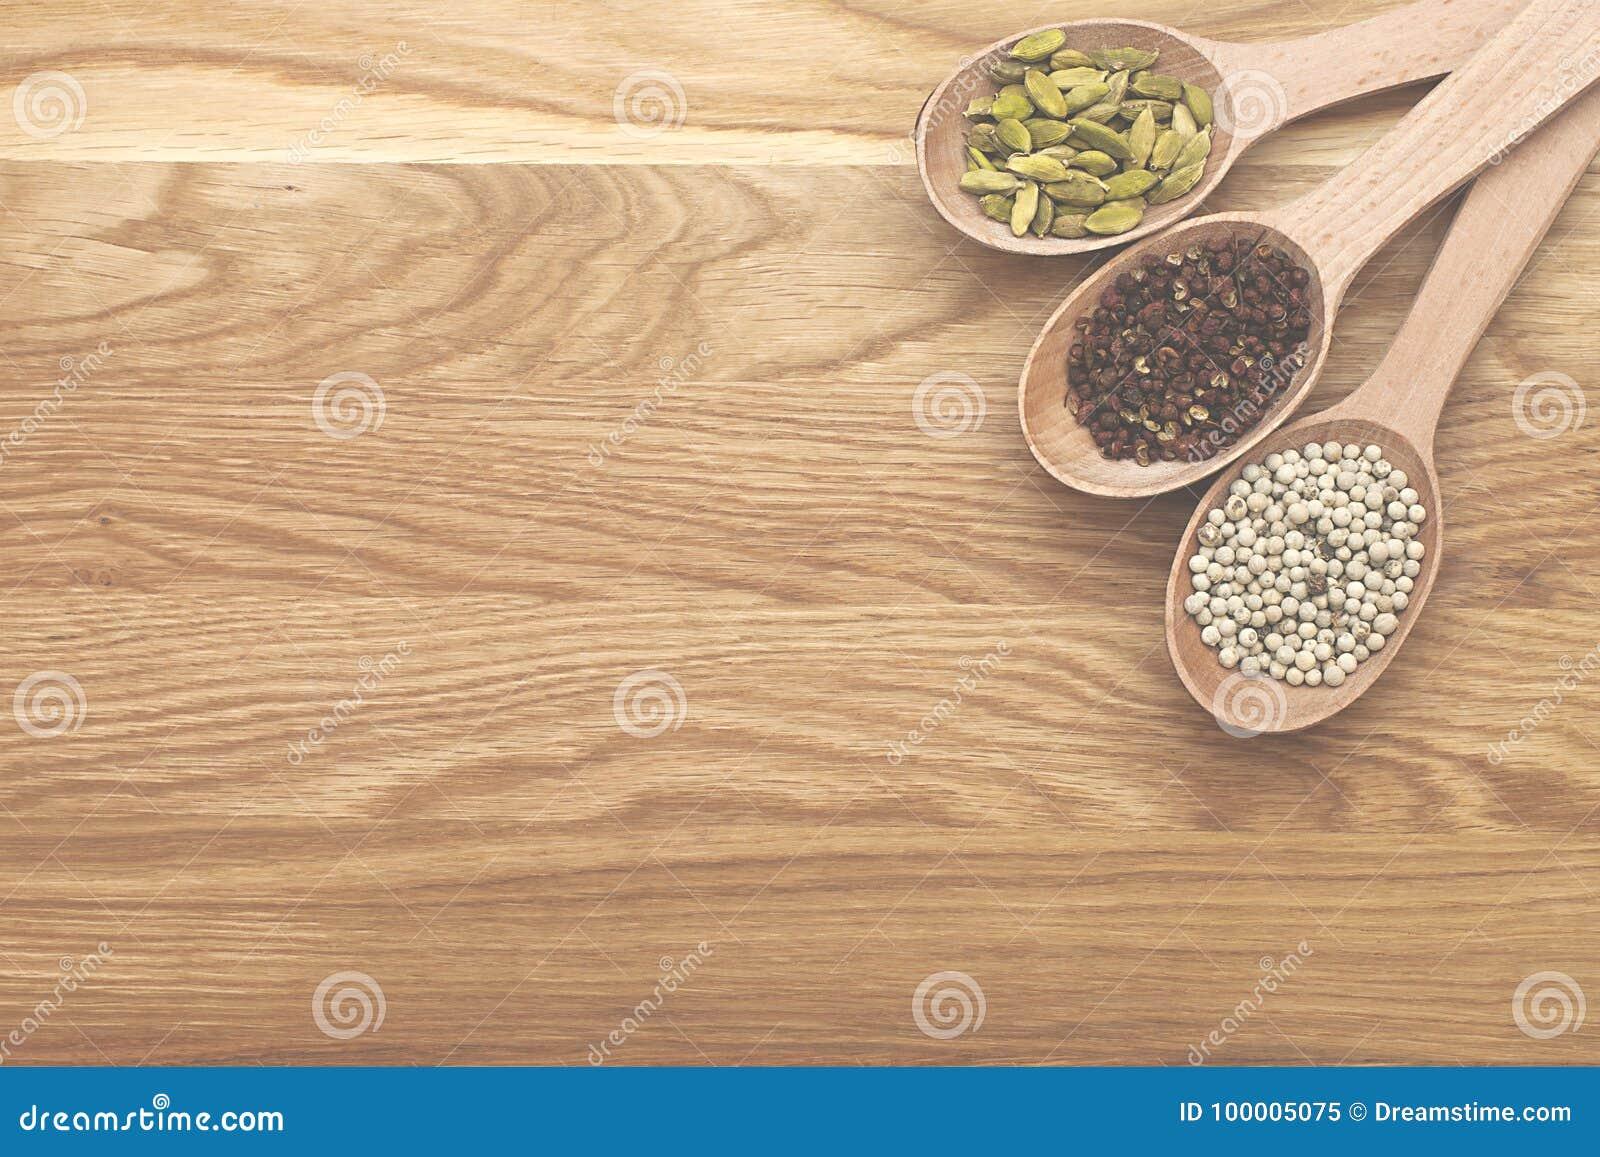 Tranches en bois avec des épices sur un conseil en bois